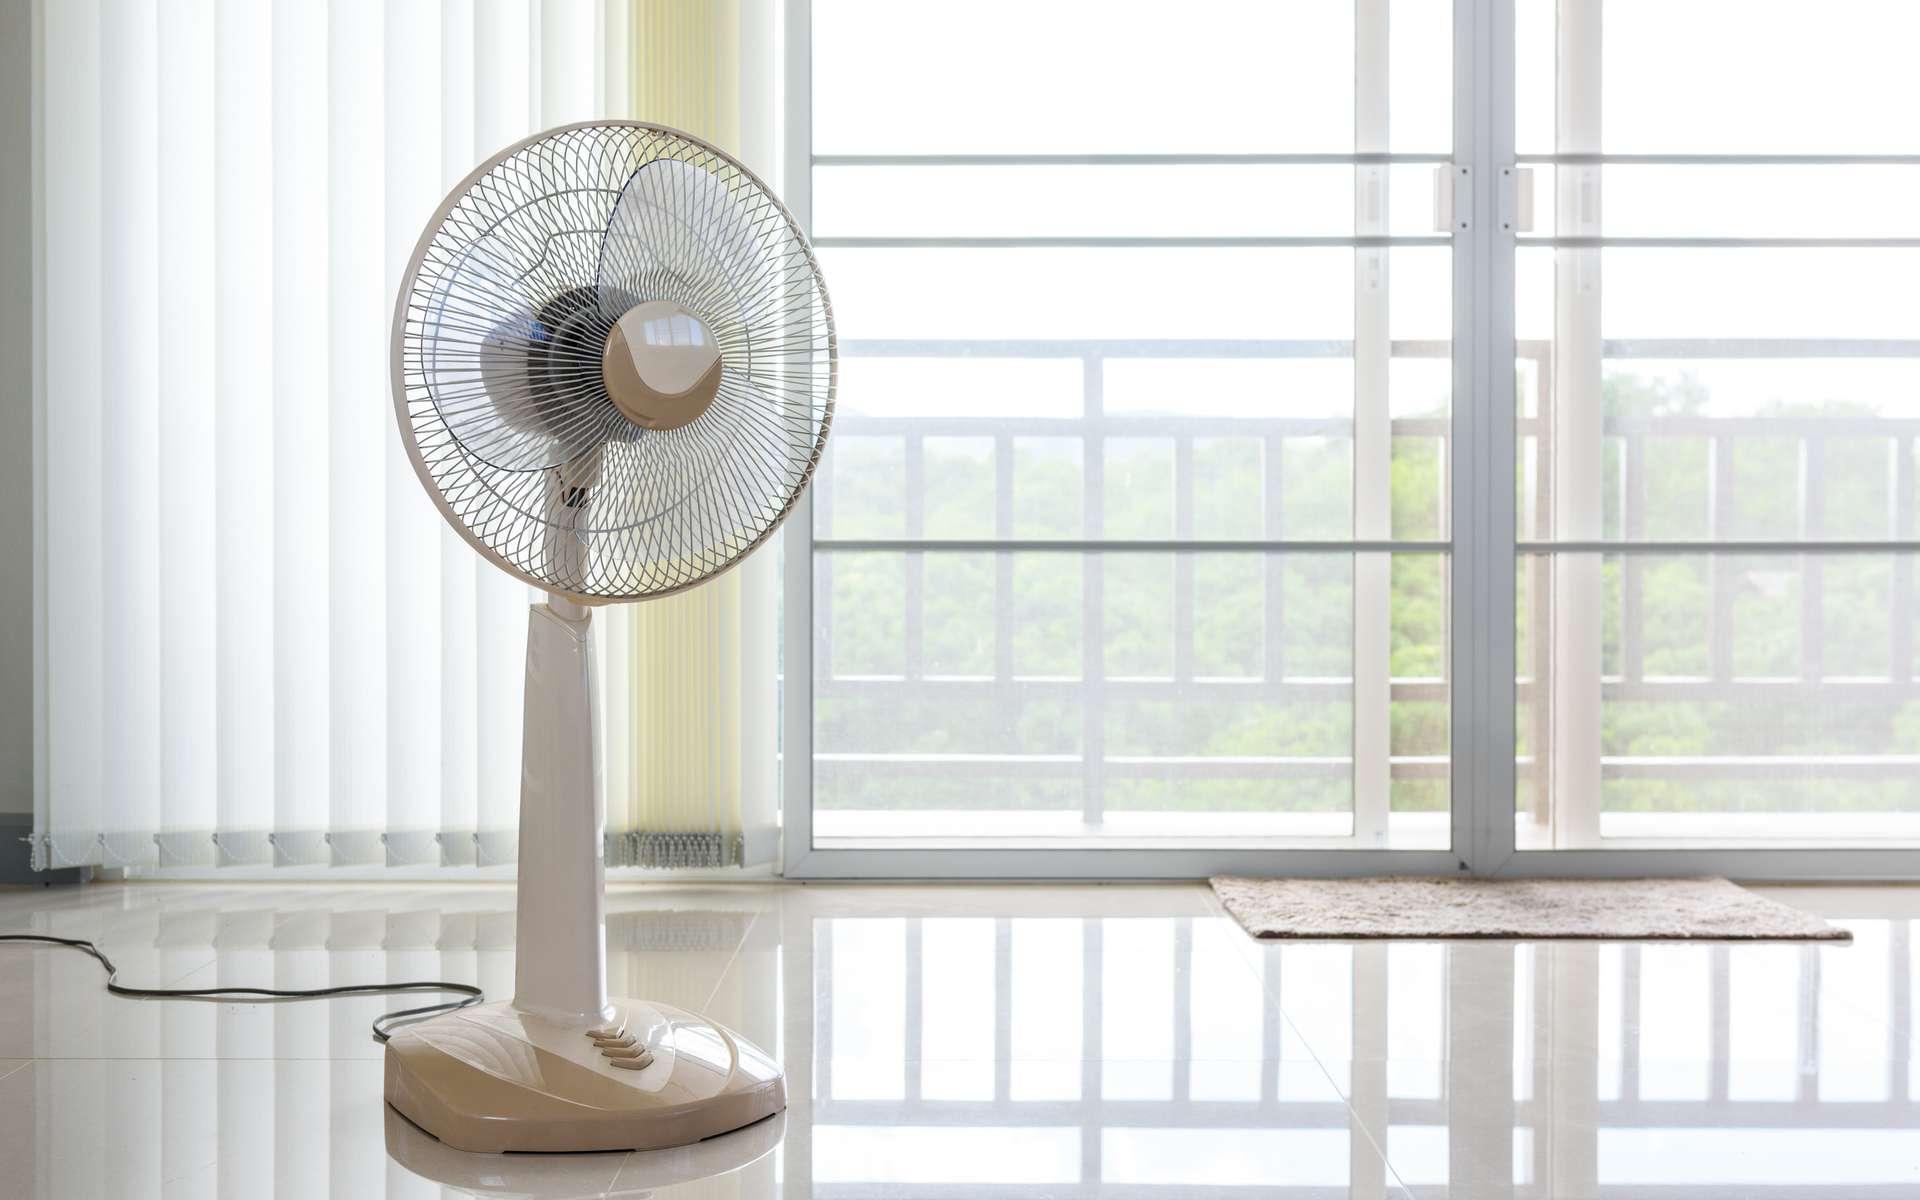 4 conseils à prendre en compte lors de l'achat d'un ventilateur © bouybin, Adobe Stock